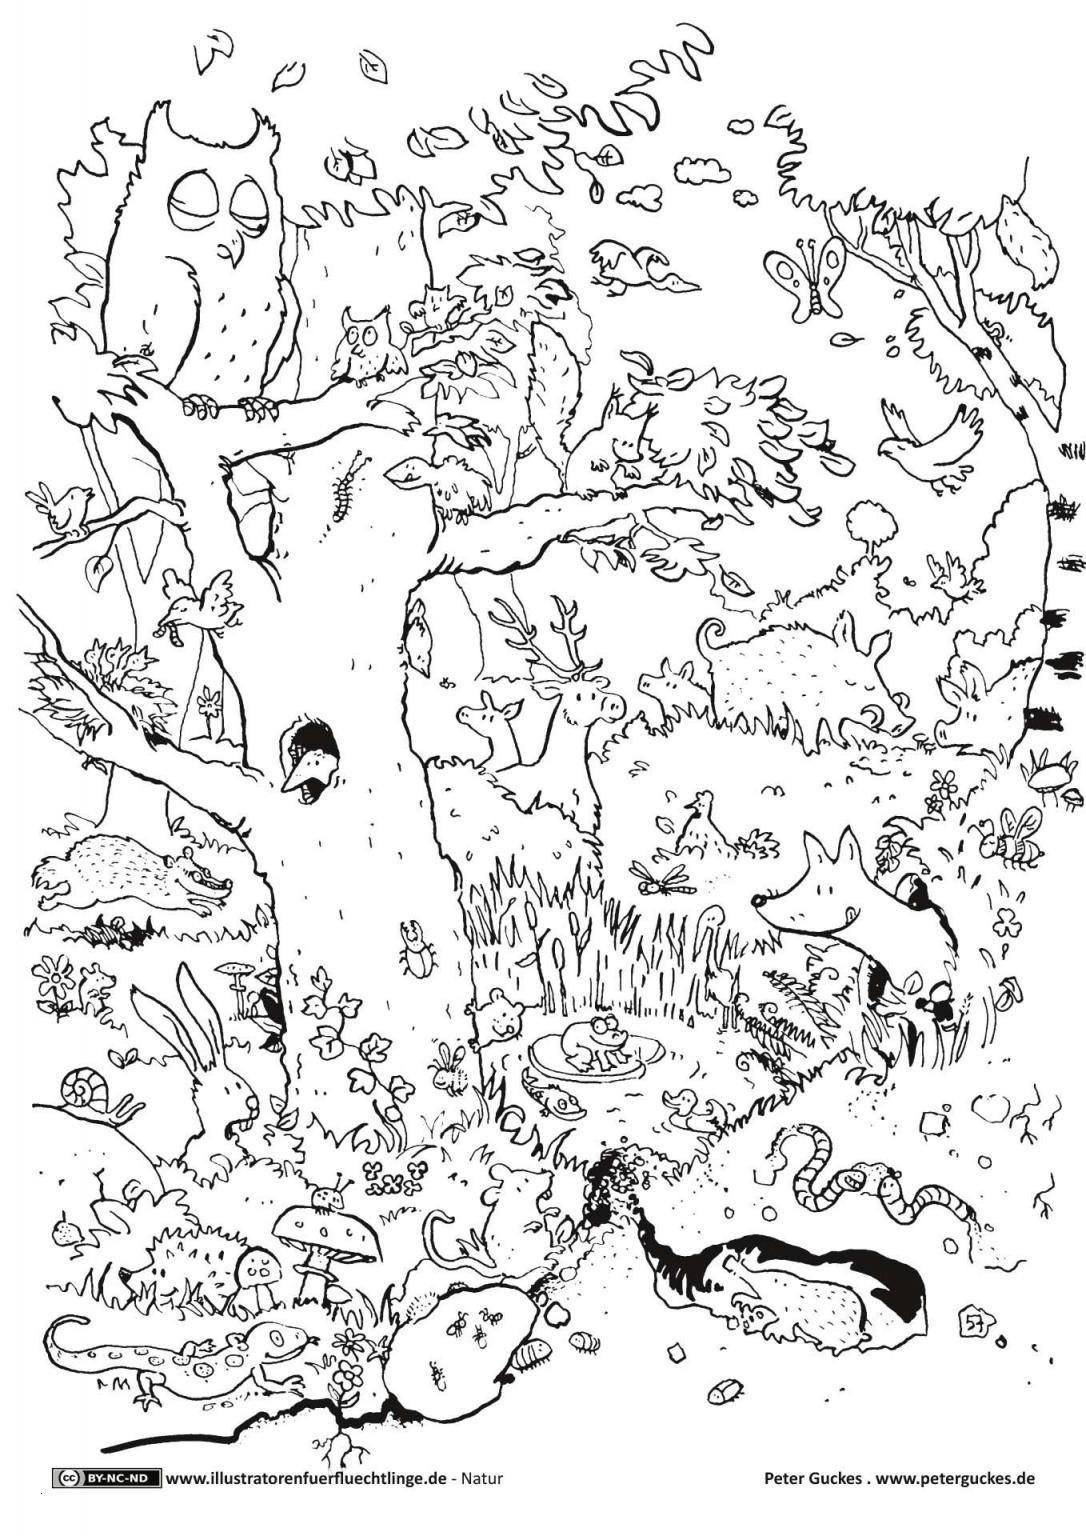 Pippi Langstrumpf Ausmalbild Einzigartig 35 Malvorlagen Maus Scoredatscore Genial Pippi Langstrumpf Galerie